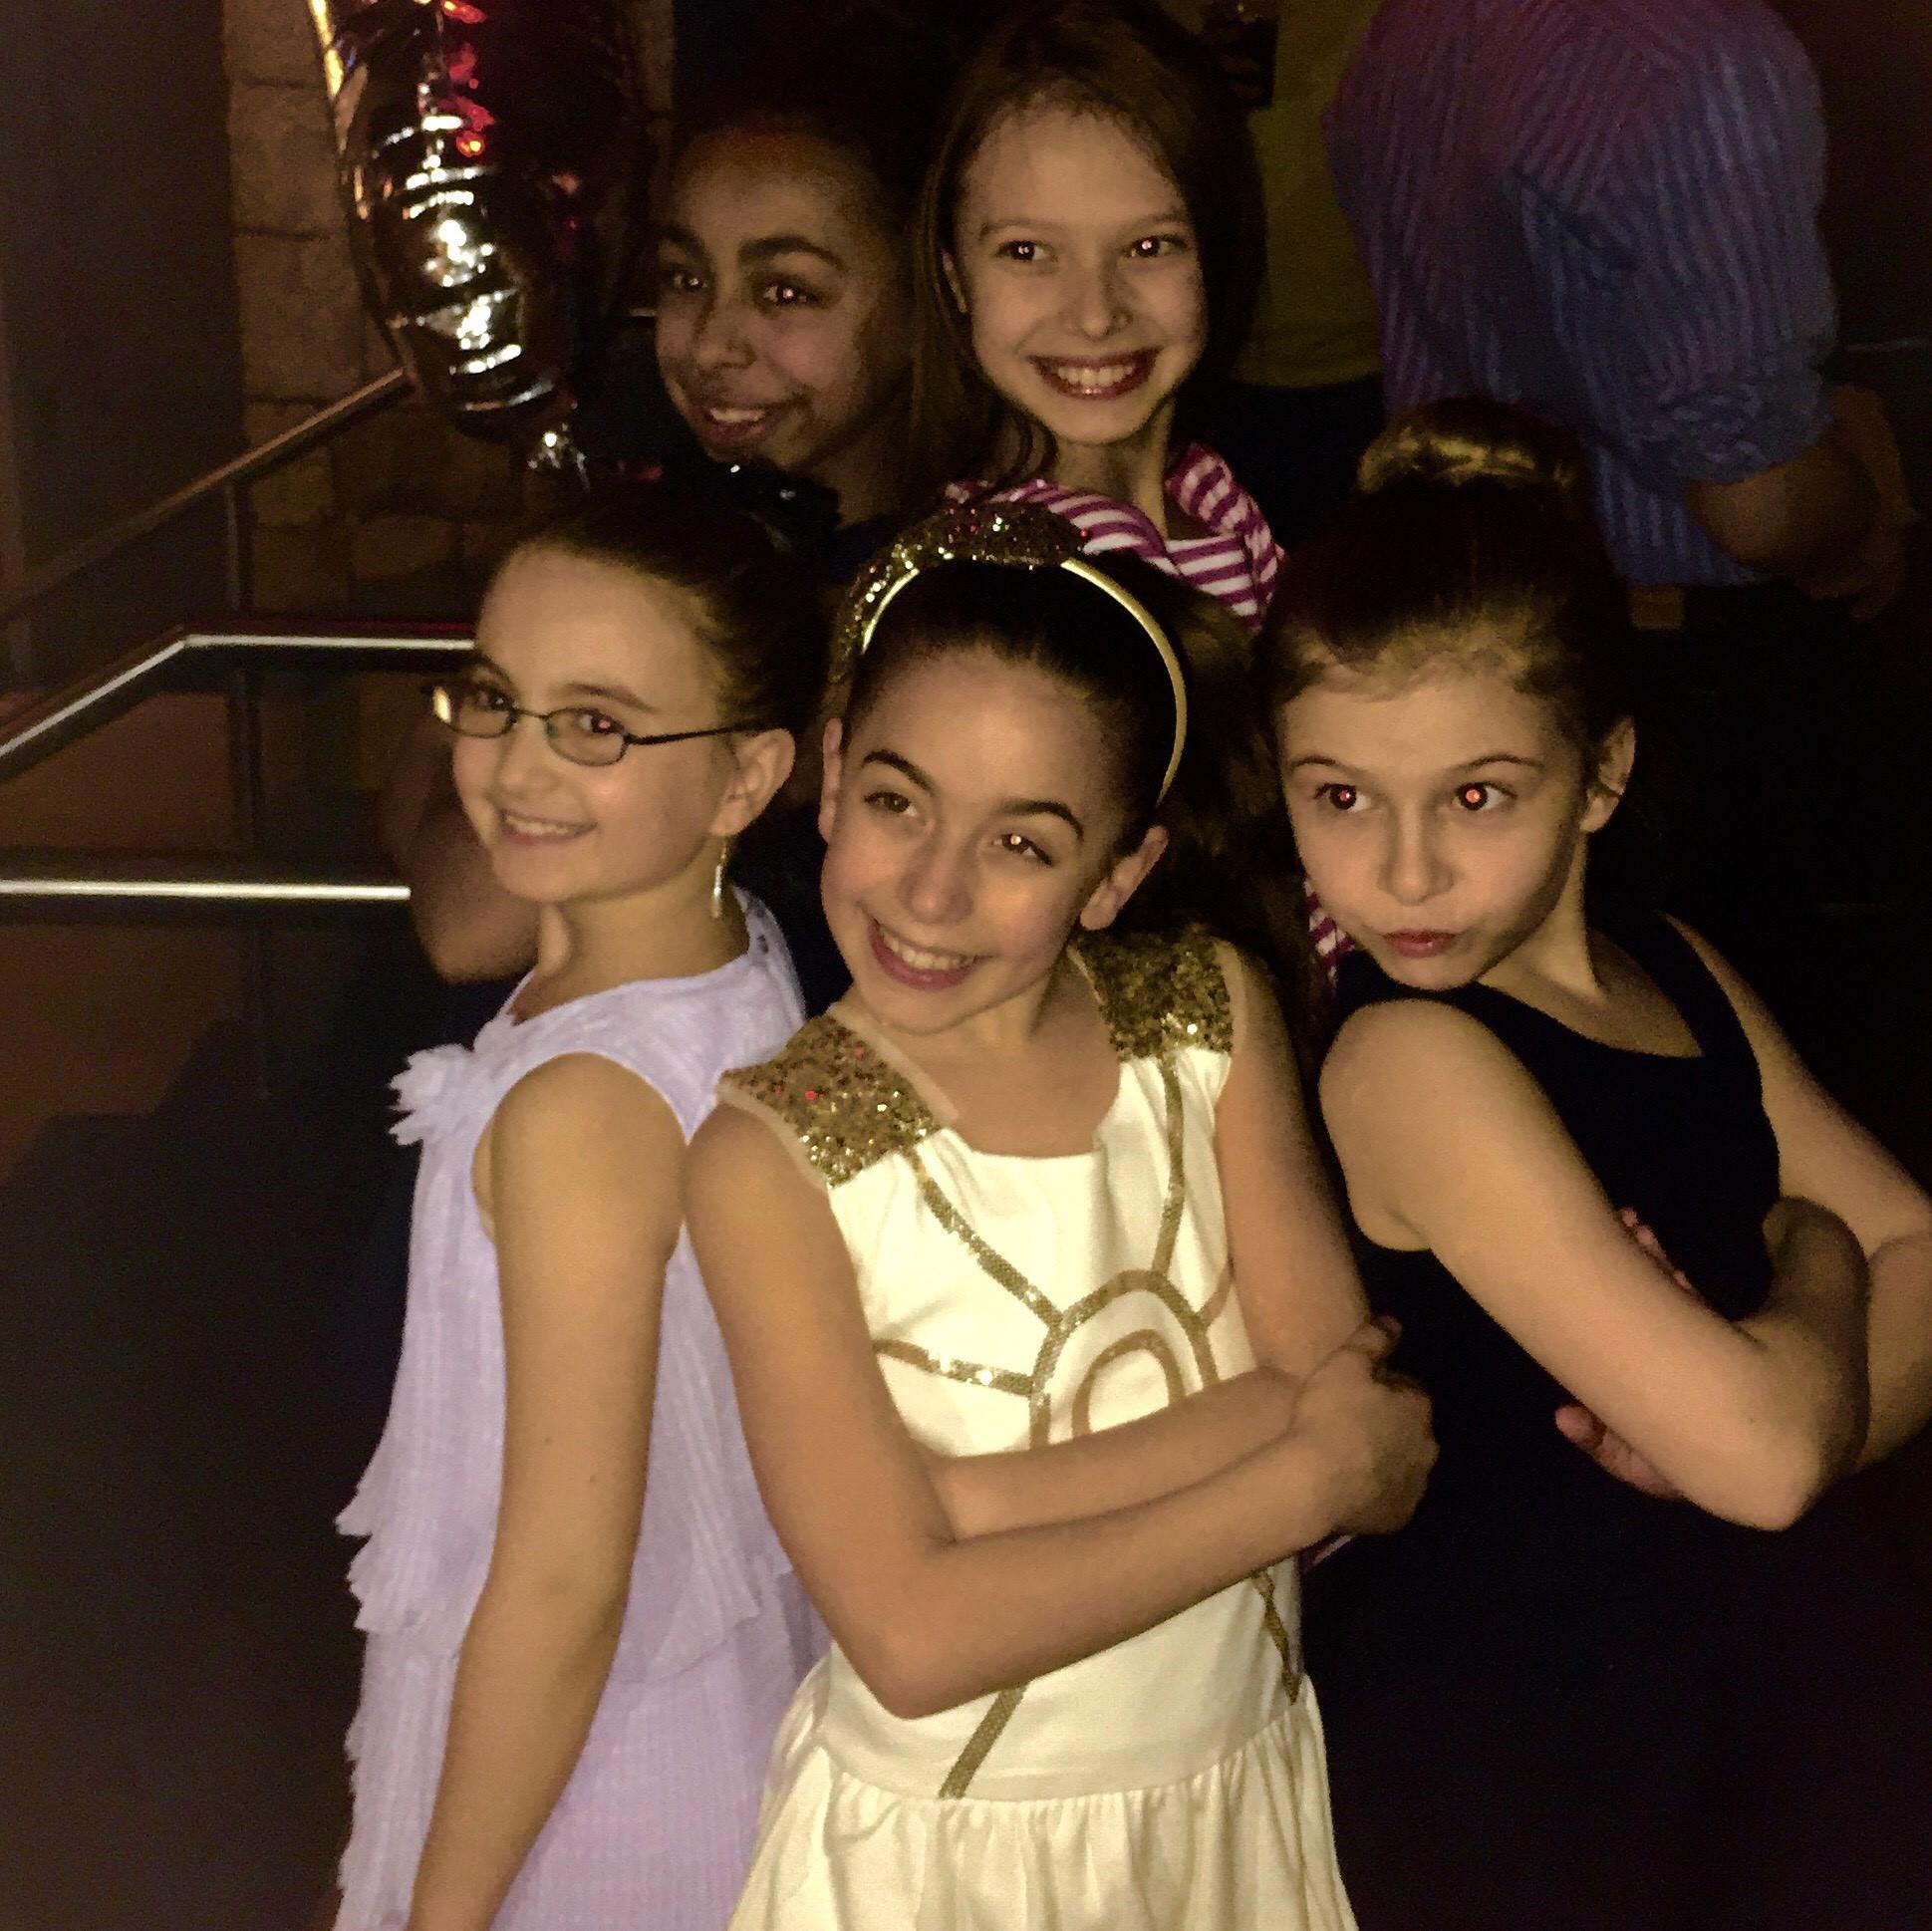 Girl Magoots posing at birthday party 2.jpg